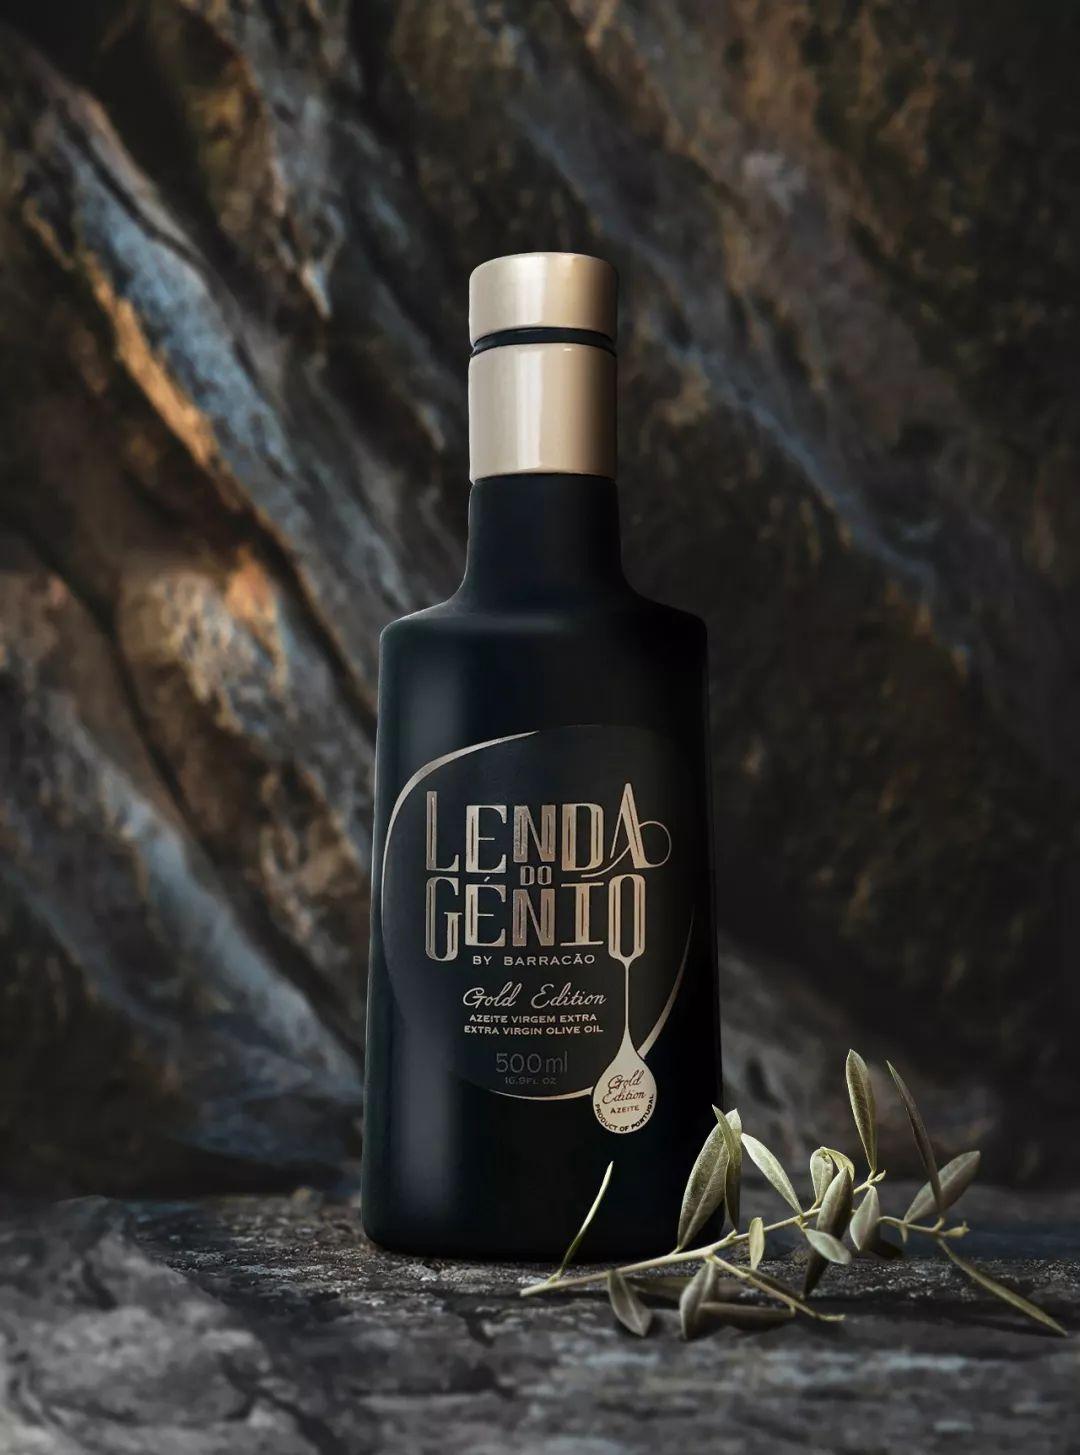 高冷橄榄油产品包装设计